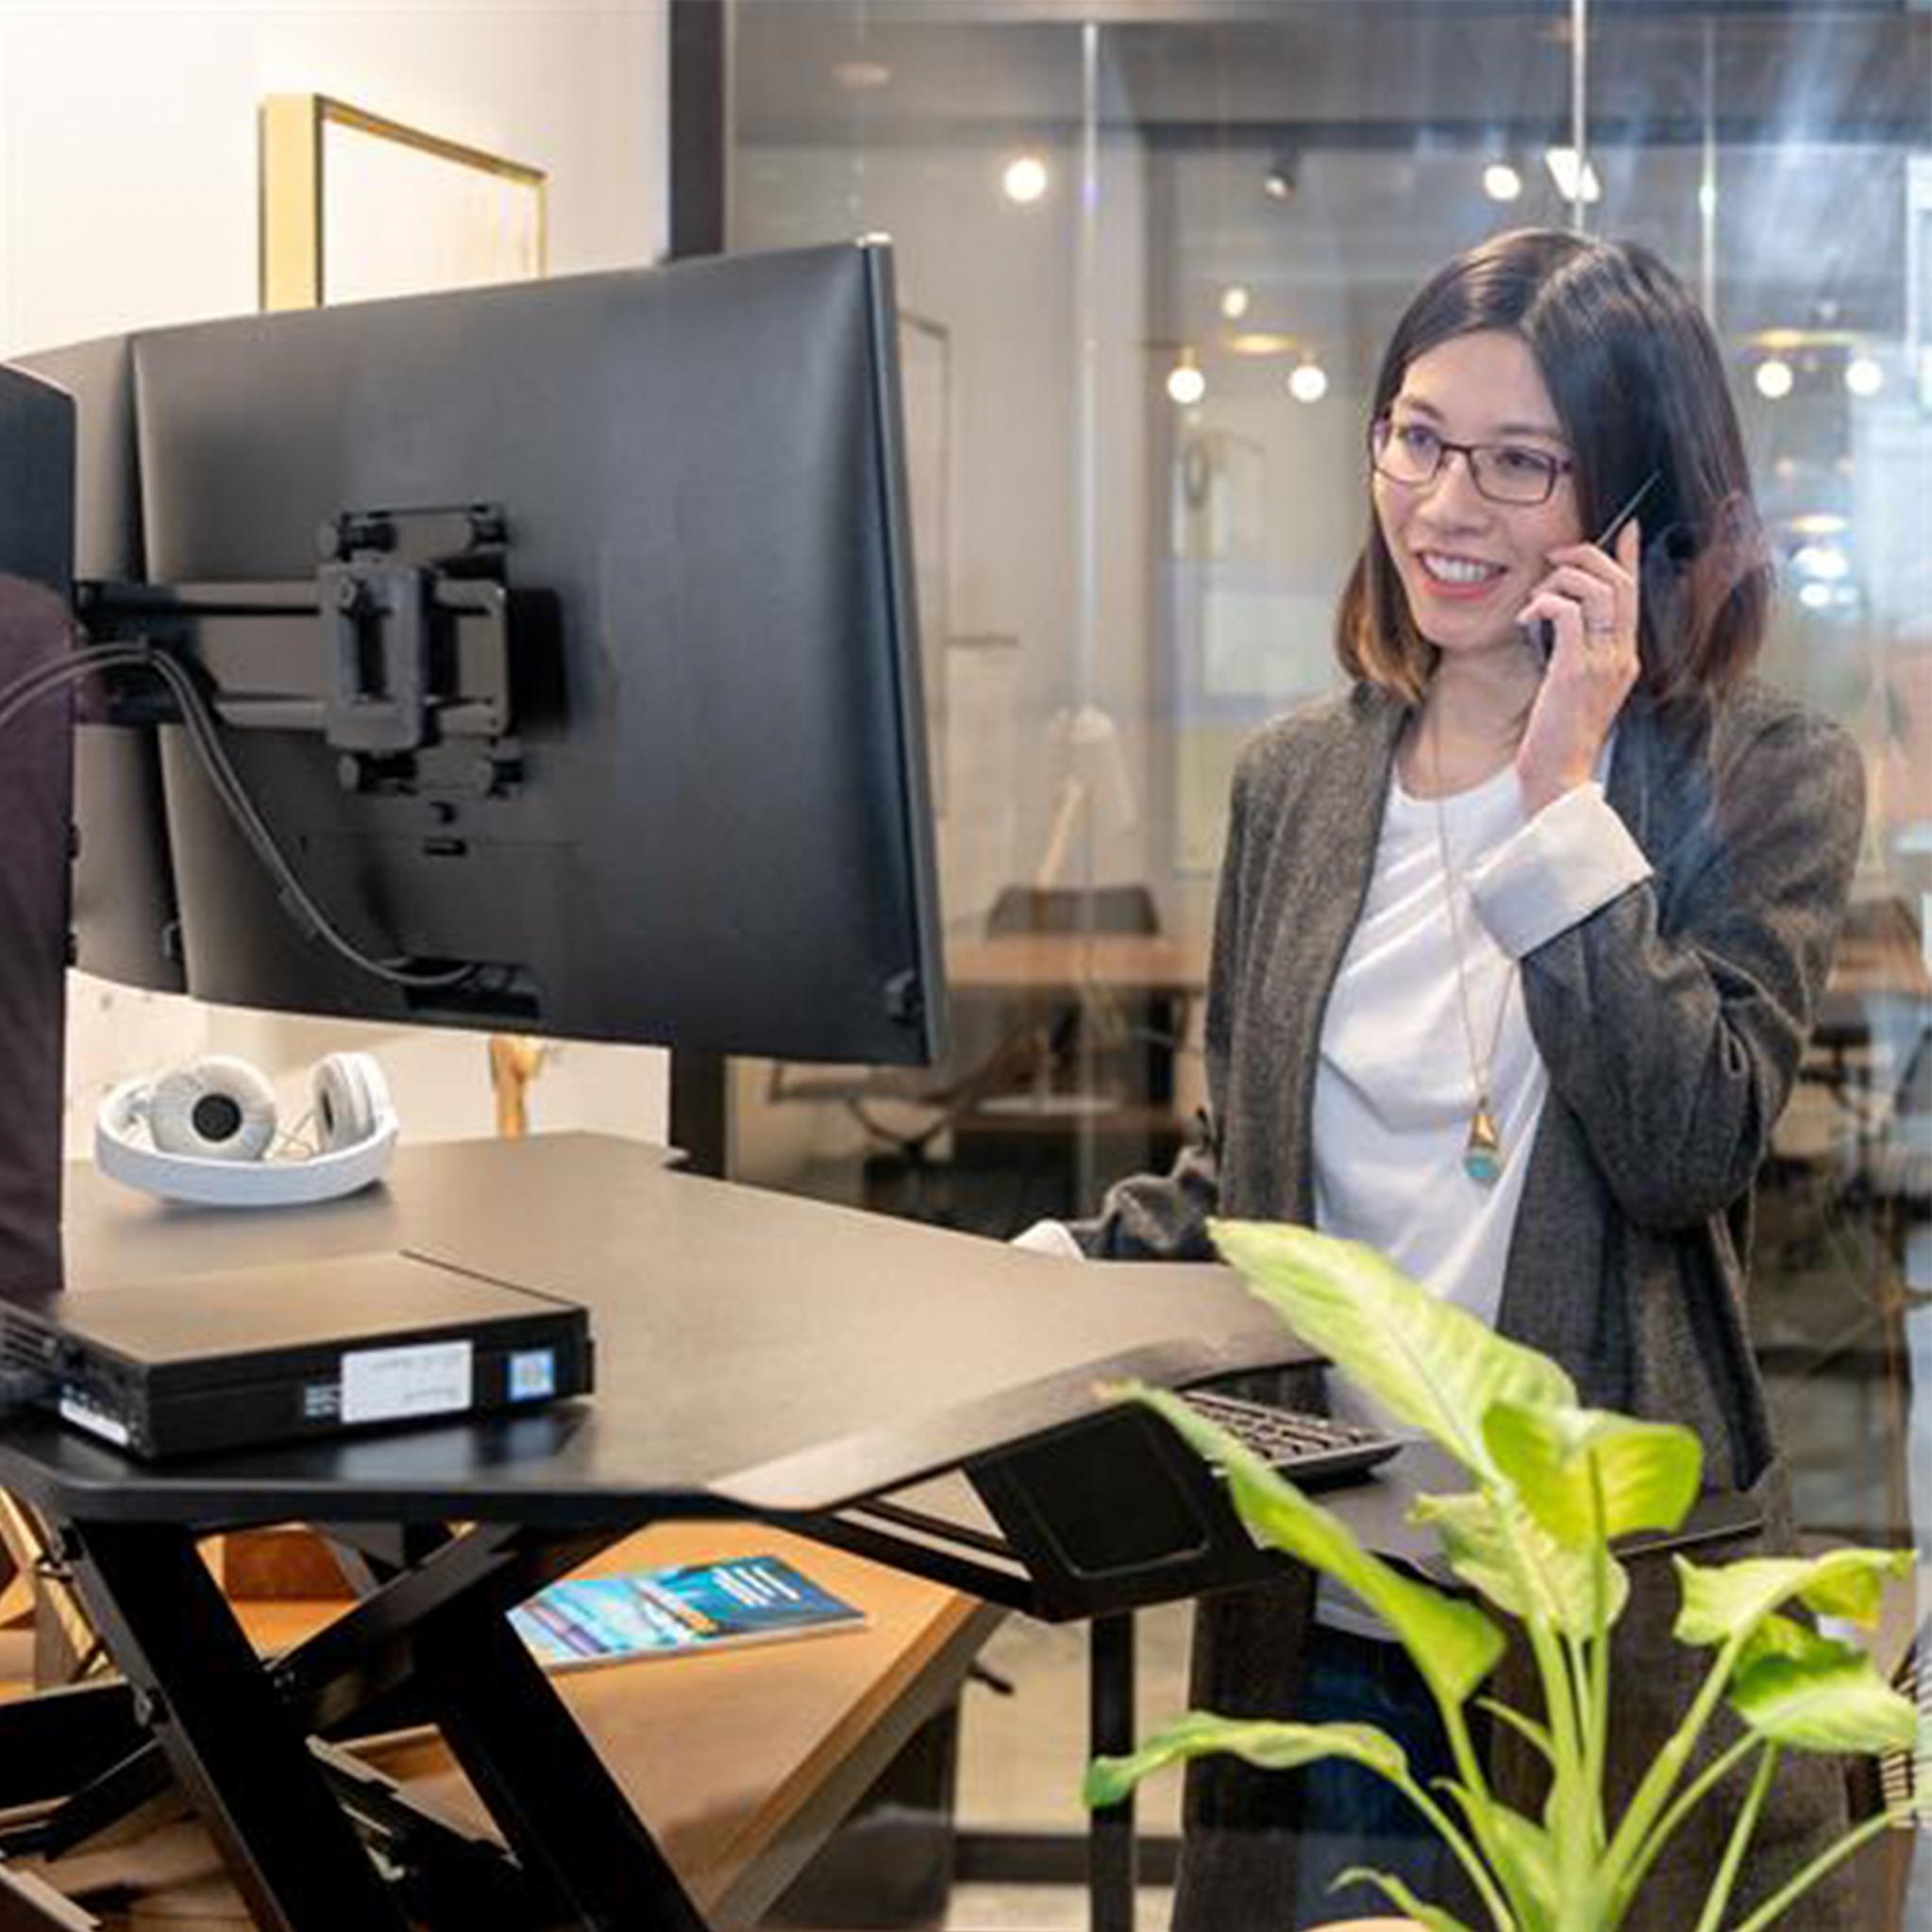 Ergotron WorkFit Corner Standing Desk Converter